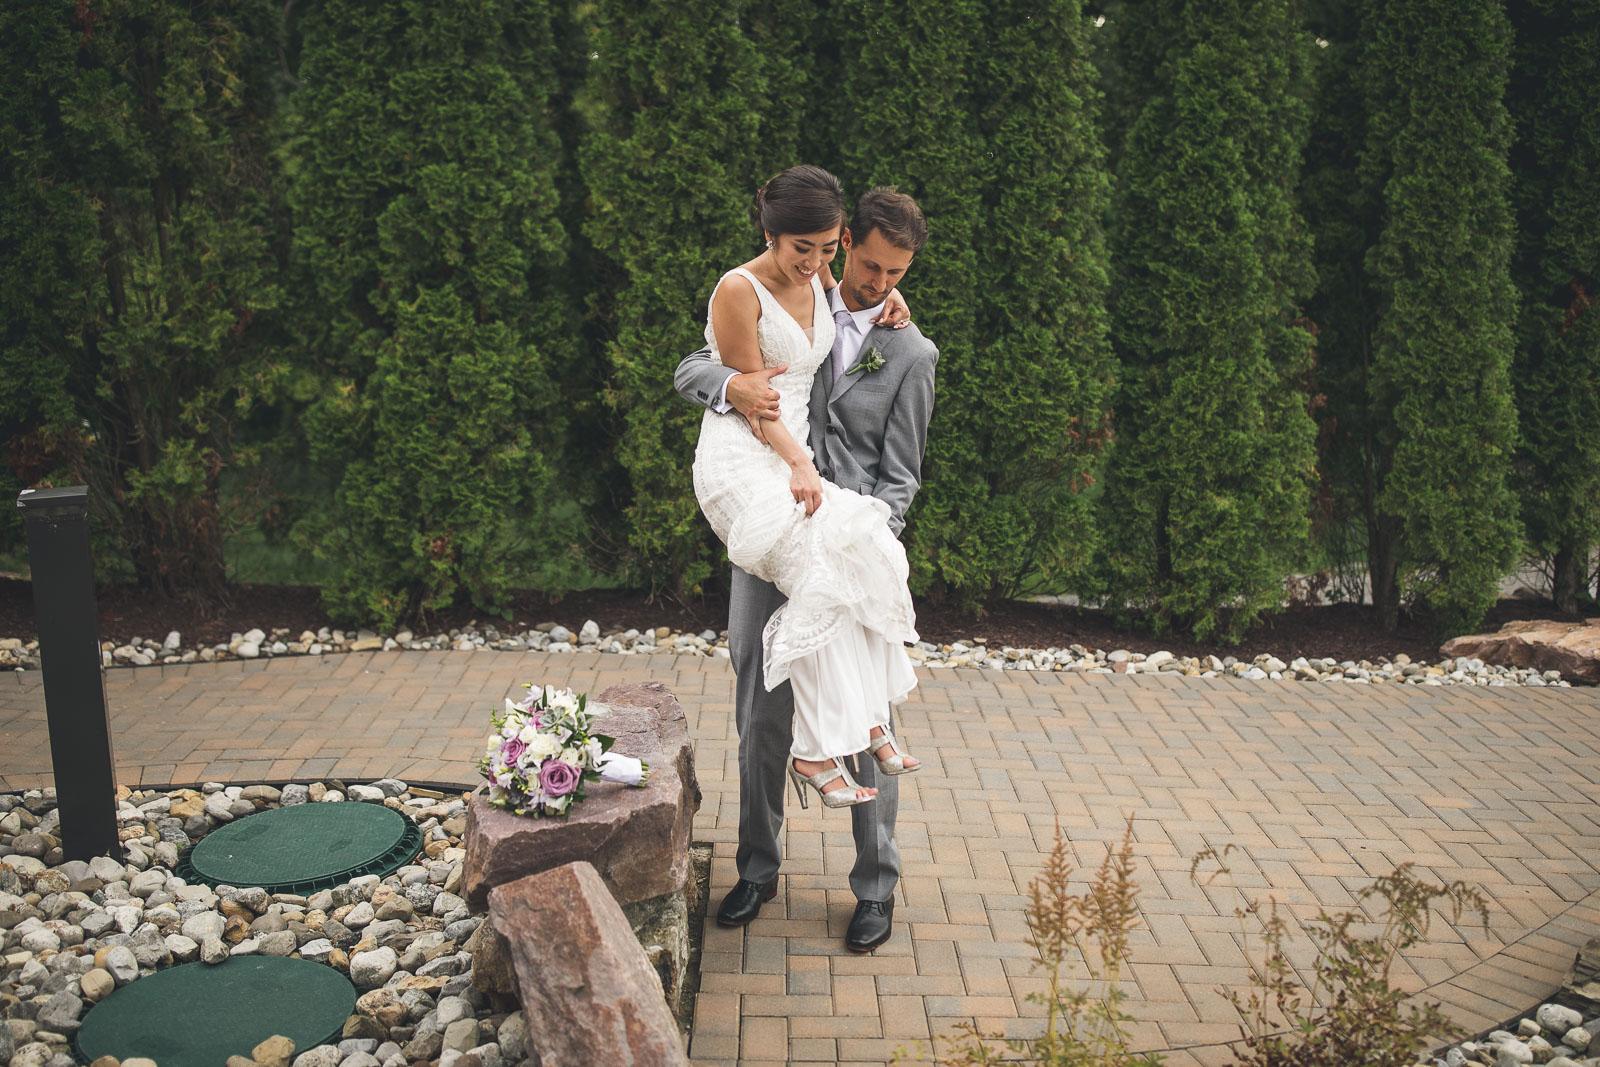 Groom helps Bride get down